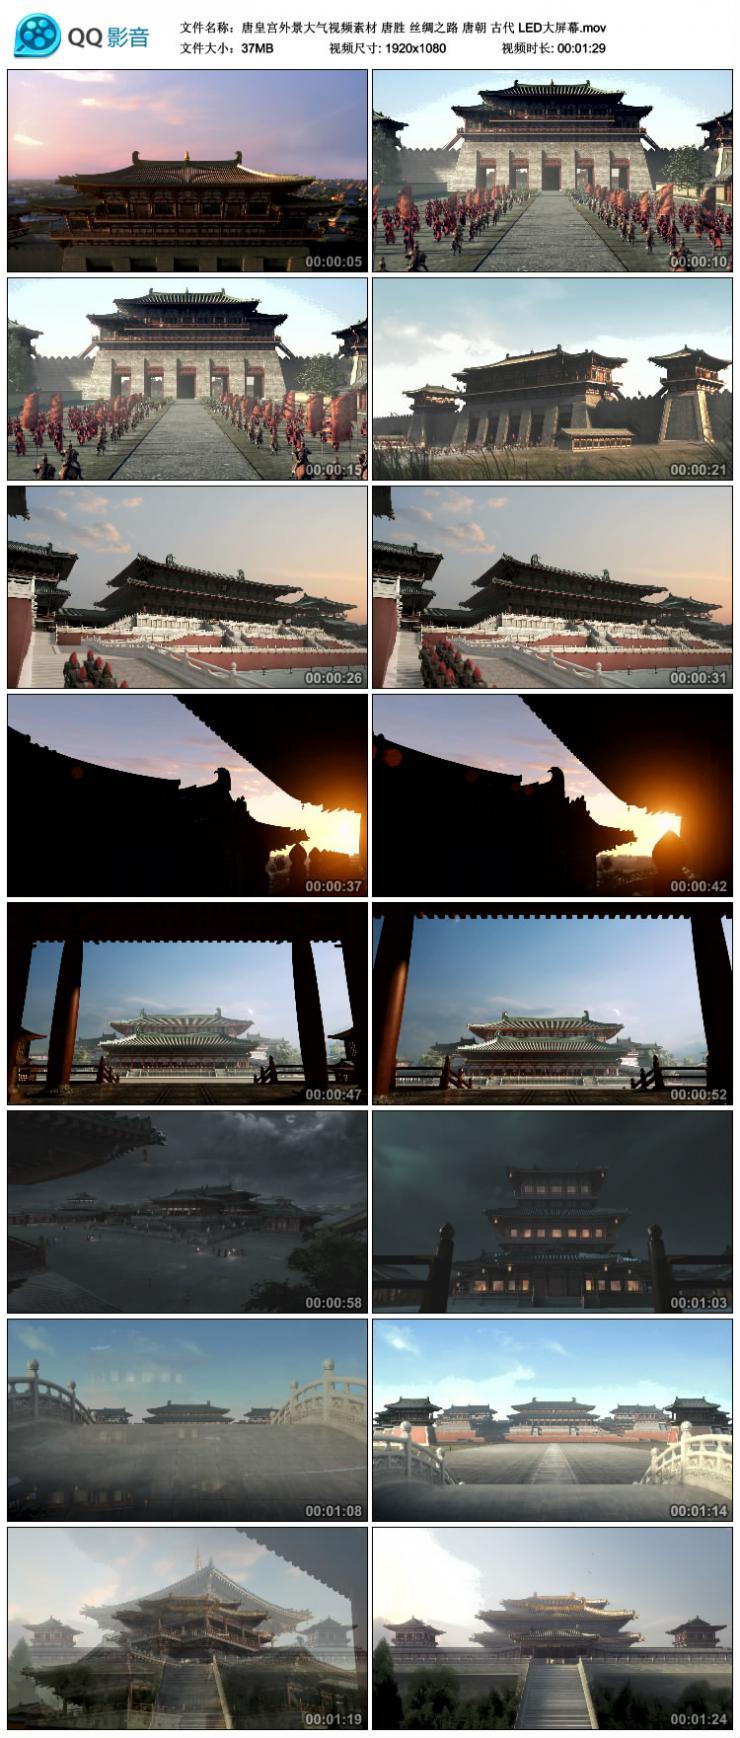 唐皇宫外景大气视频素材 唐胜 丝绸之路 唐朝 古代 LED大屏幕